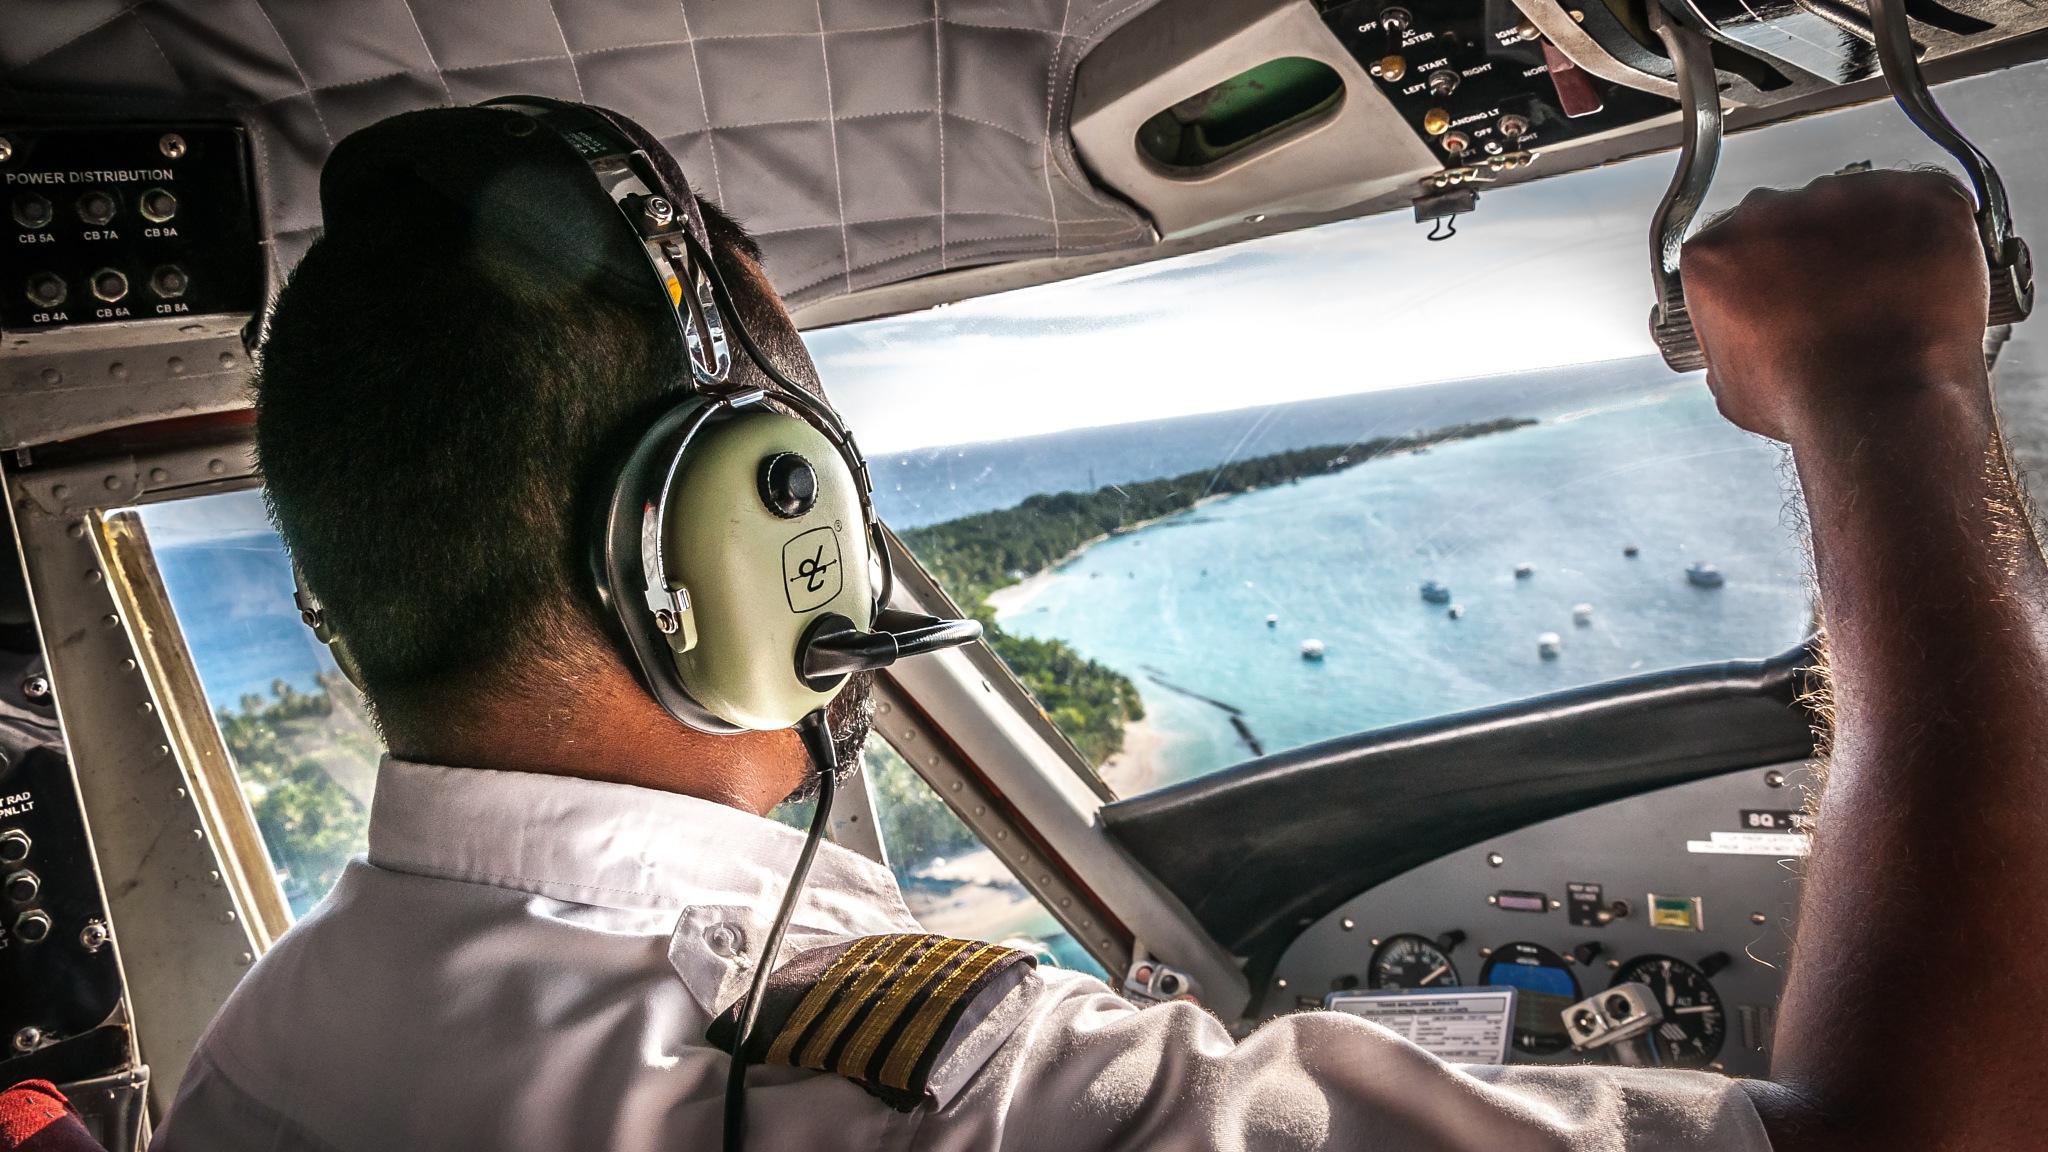 Maldives Seaplane by Christian Hofmann